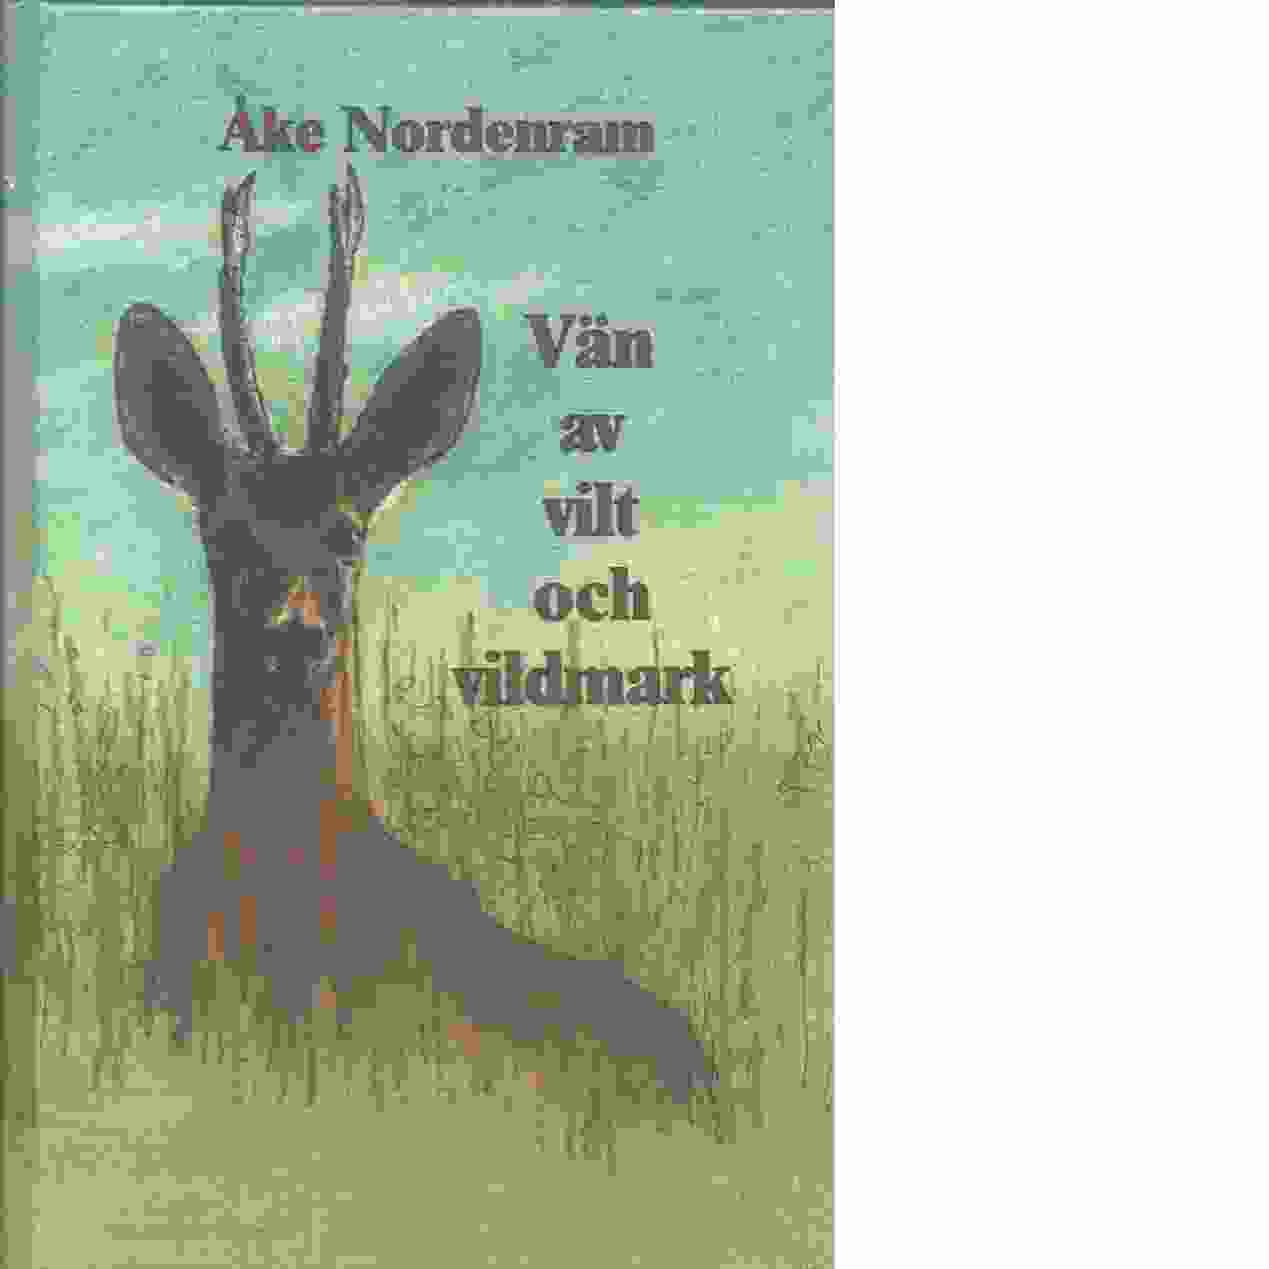 Vän av vilt och vildmark - Nordenram, Åke